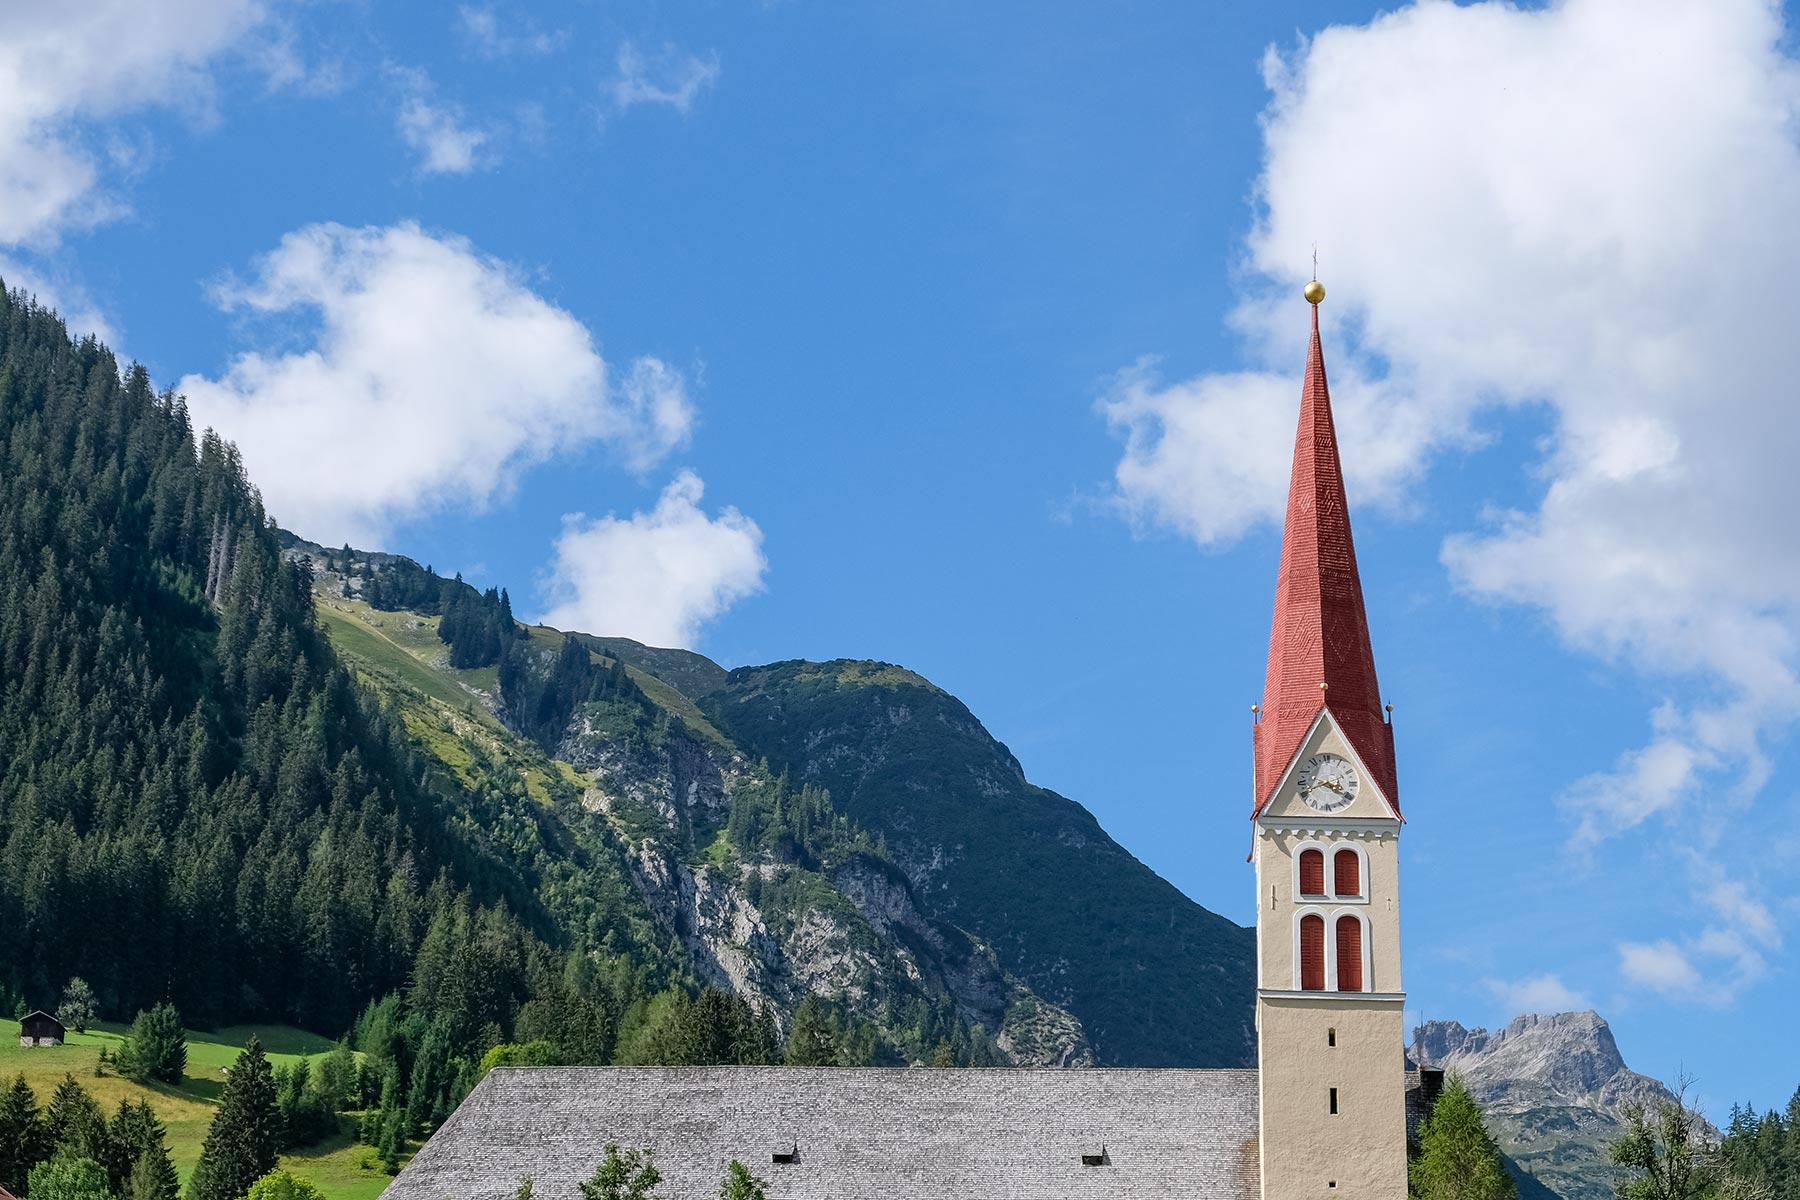 Unserer Lieben Frau Mariä Himmelfahrt Kirche in Holzgau, Österreich